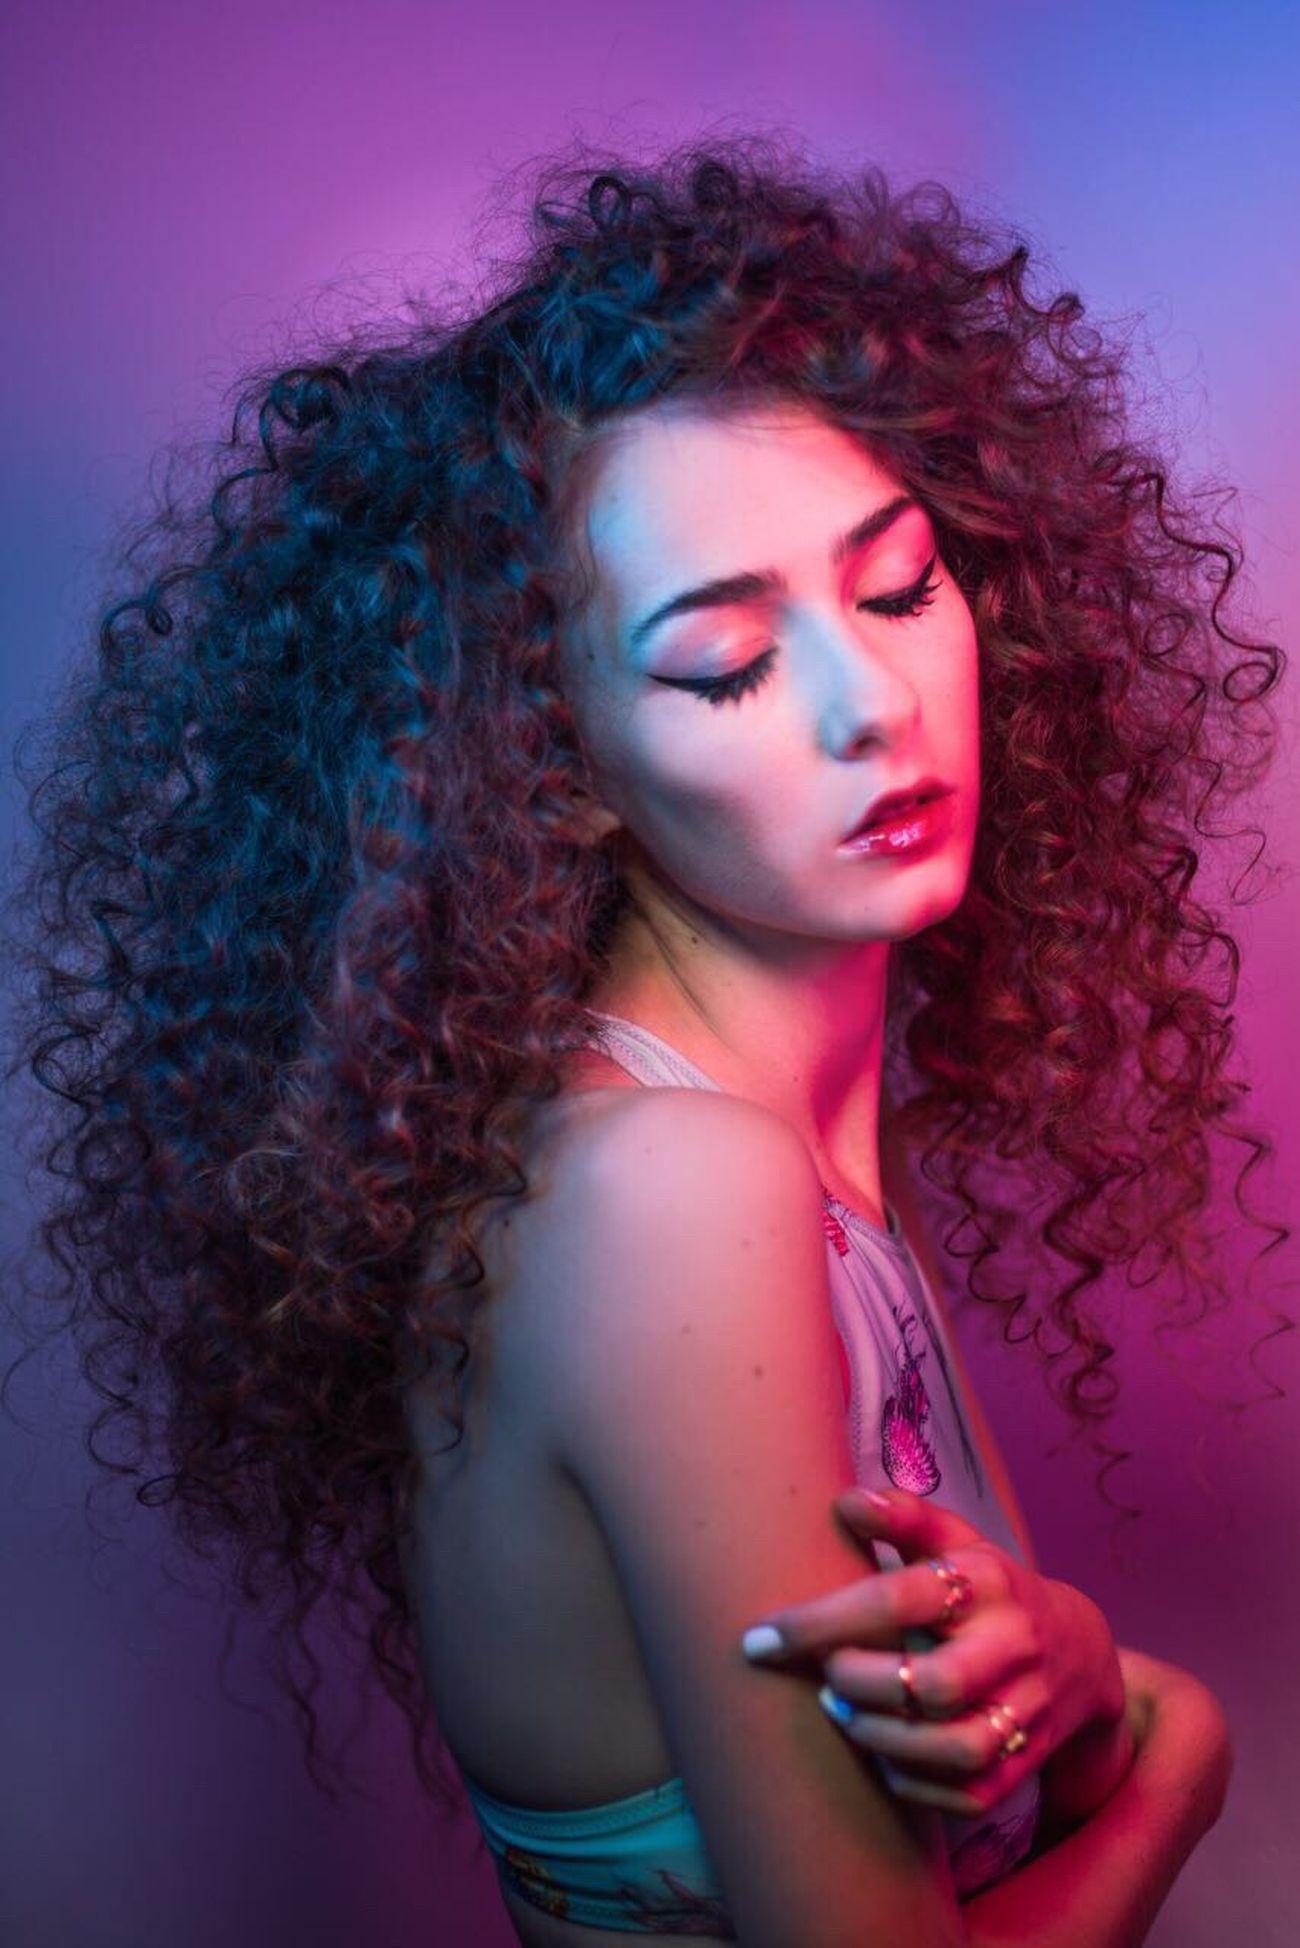 Model Beauty Studio Shot Portrait Odetograce Neon TheWeekOnEyeEM This Week On Eyeem